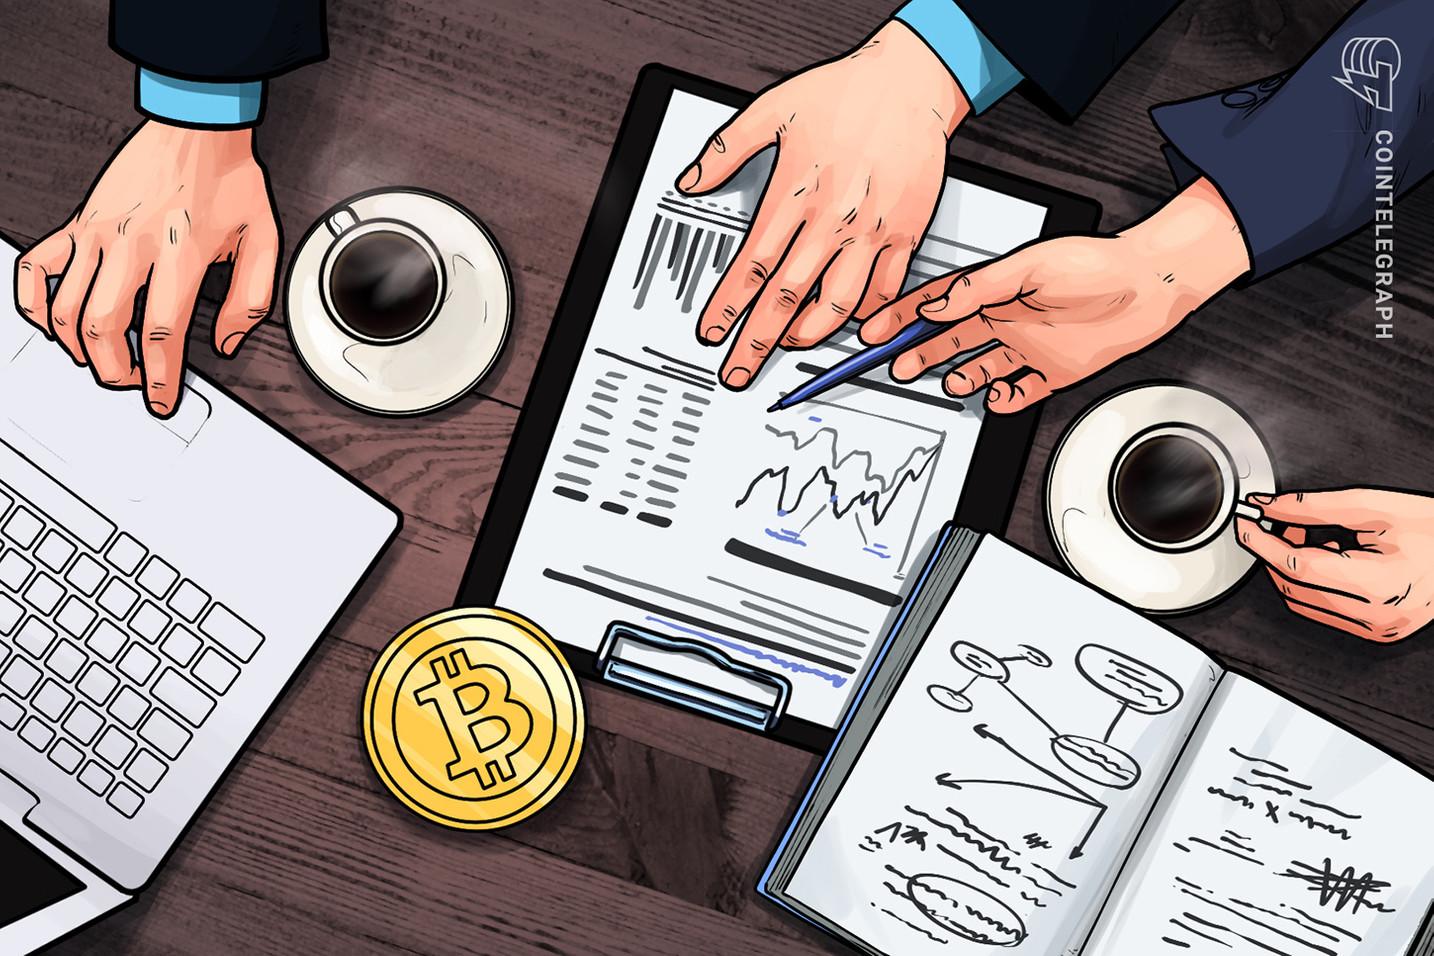 仮想通貨マイニング企業ライオット、ビットコイン採掘量が前年比で3倍に増加